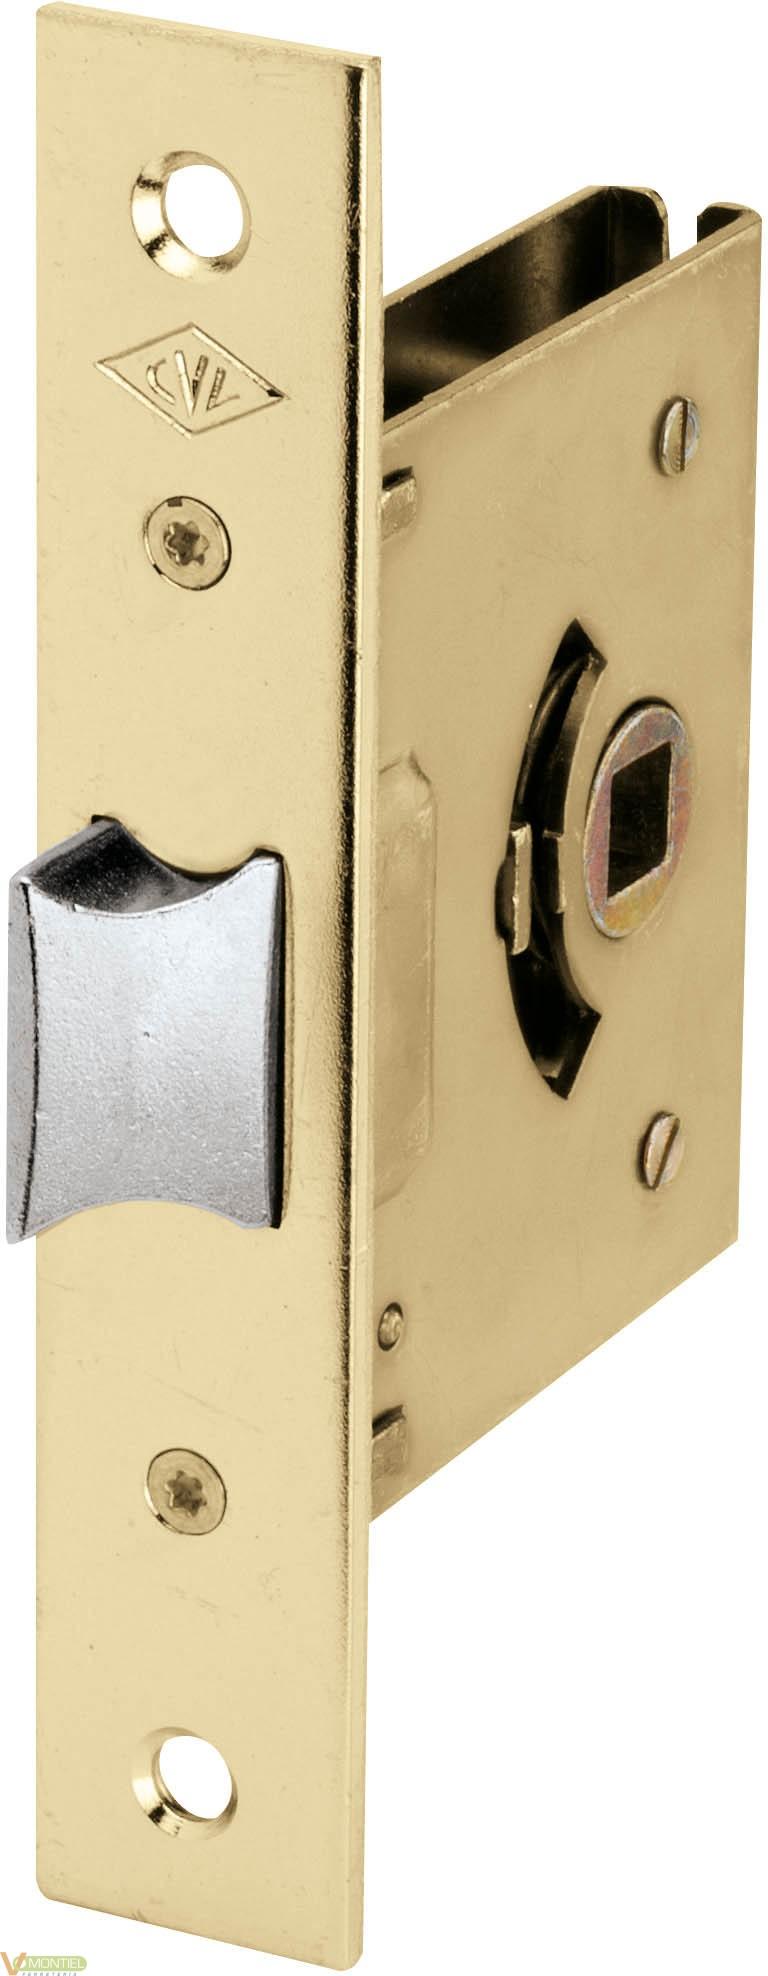 Picaporte pta 22x30mm 249c50/2-0